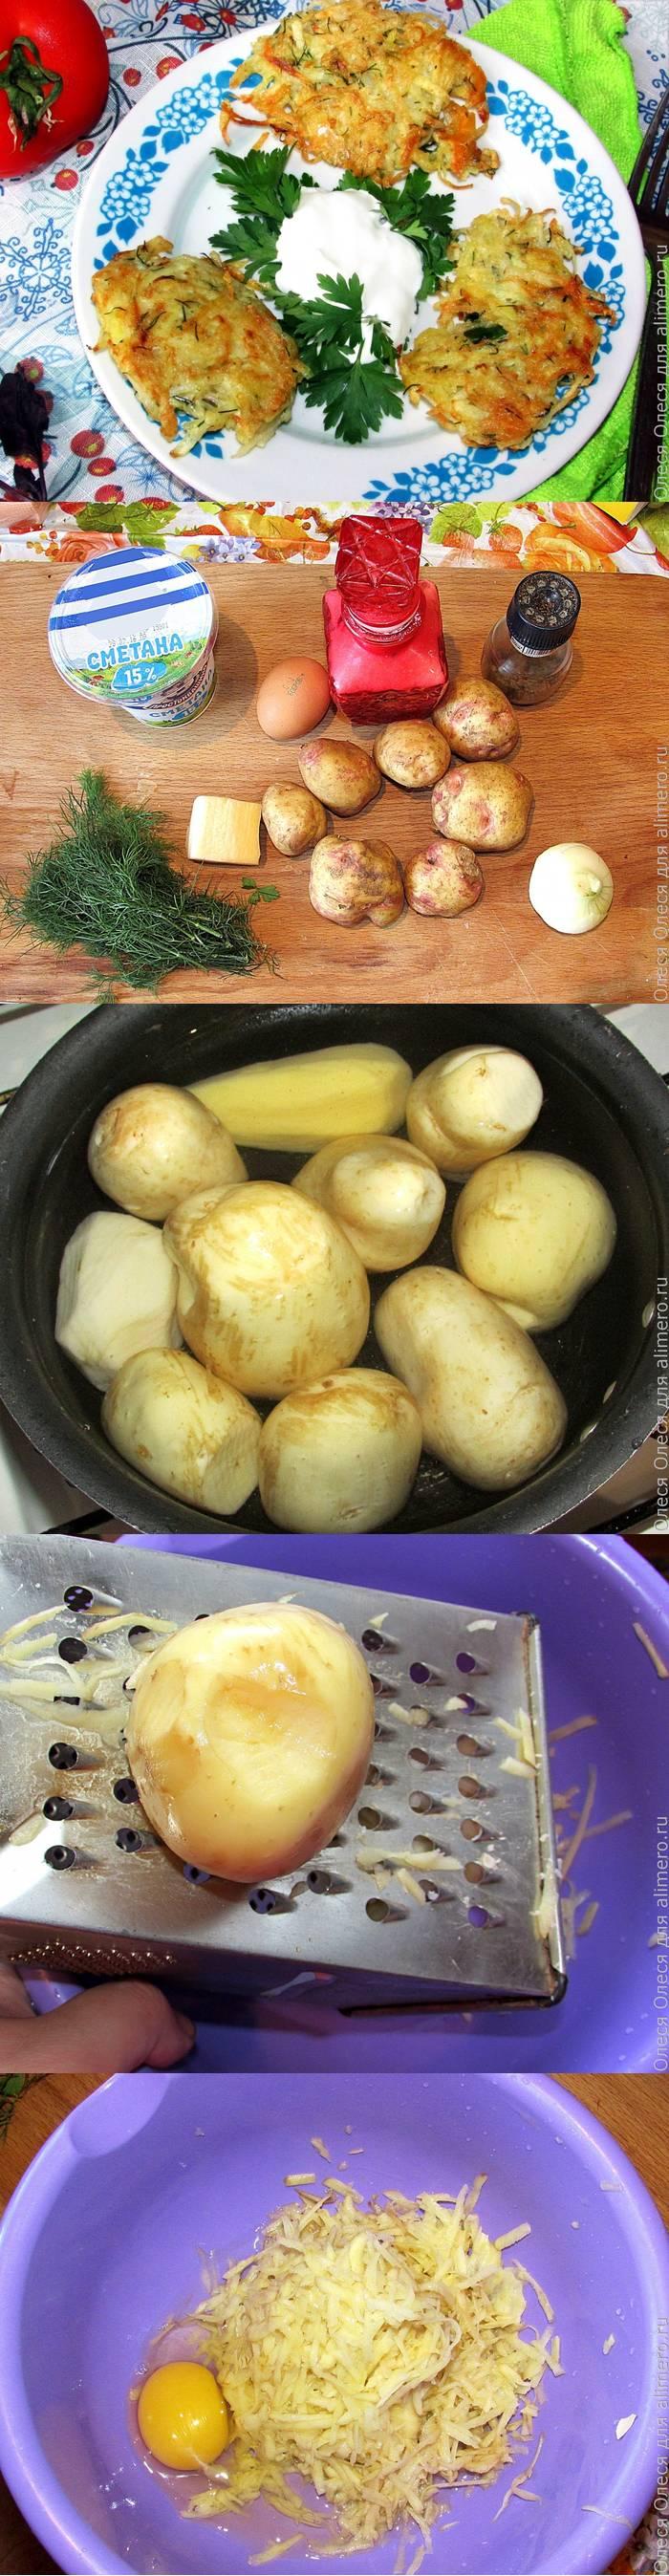 Драники картофельные с сыром, укропом и базиликом